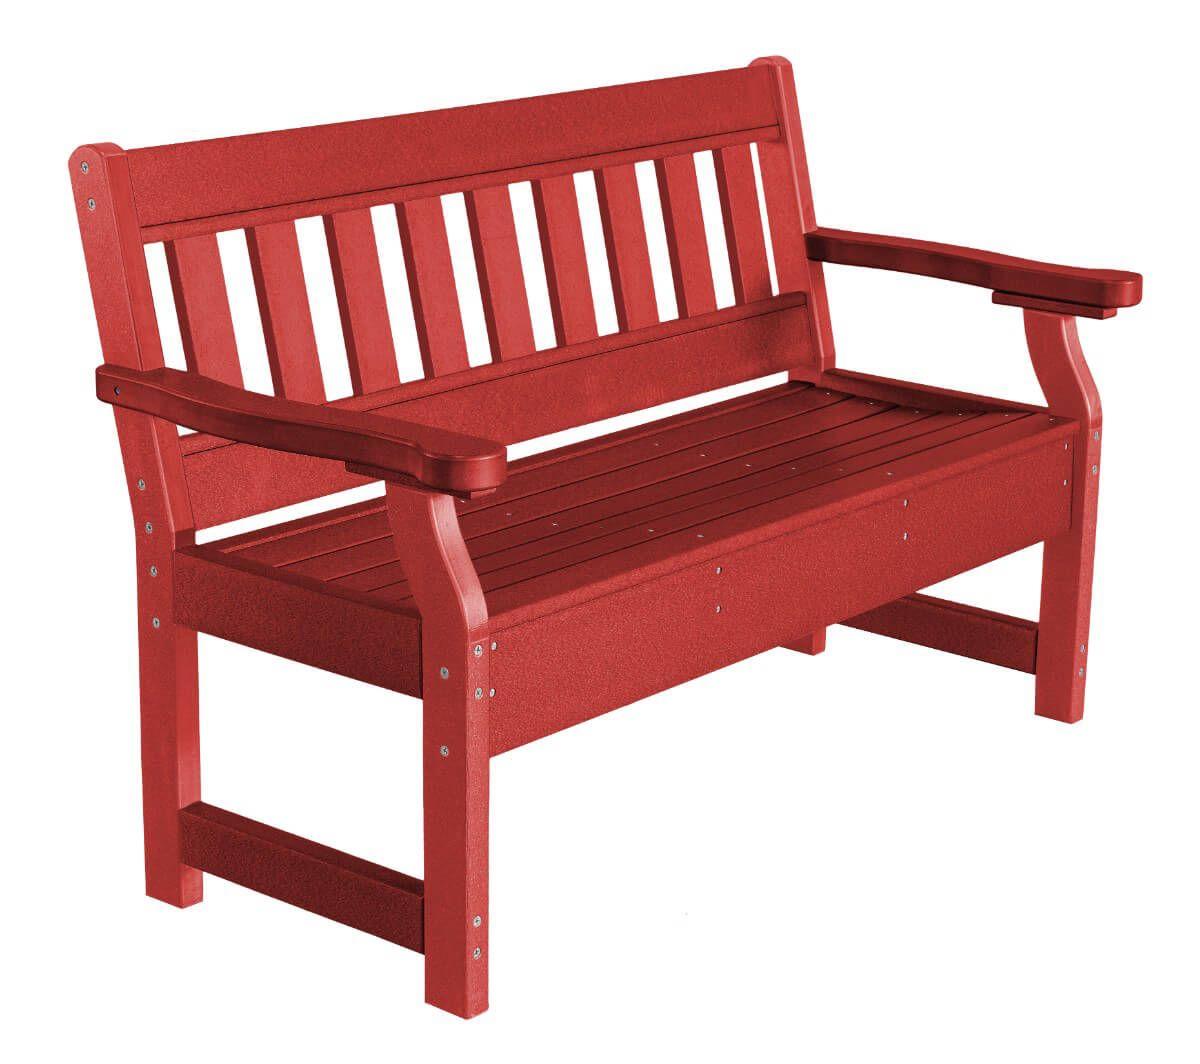 Cardinal Red Aden Garden Bench